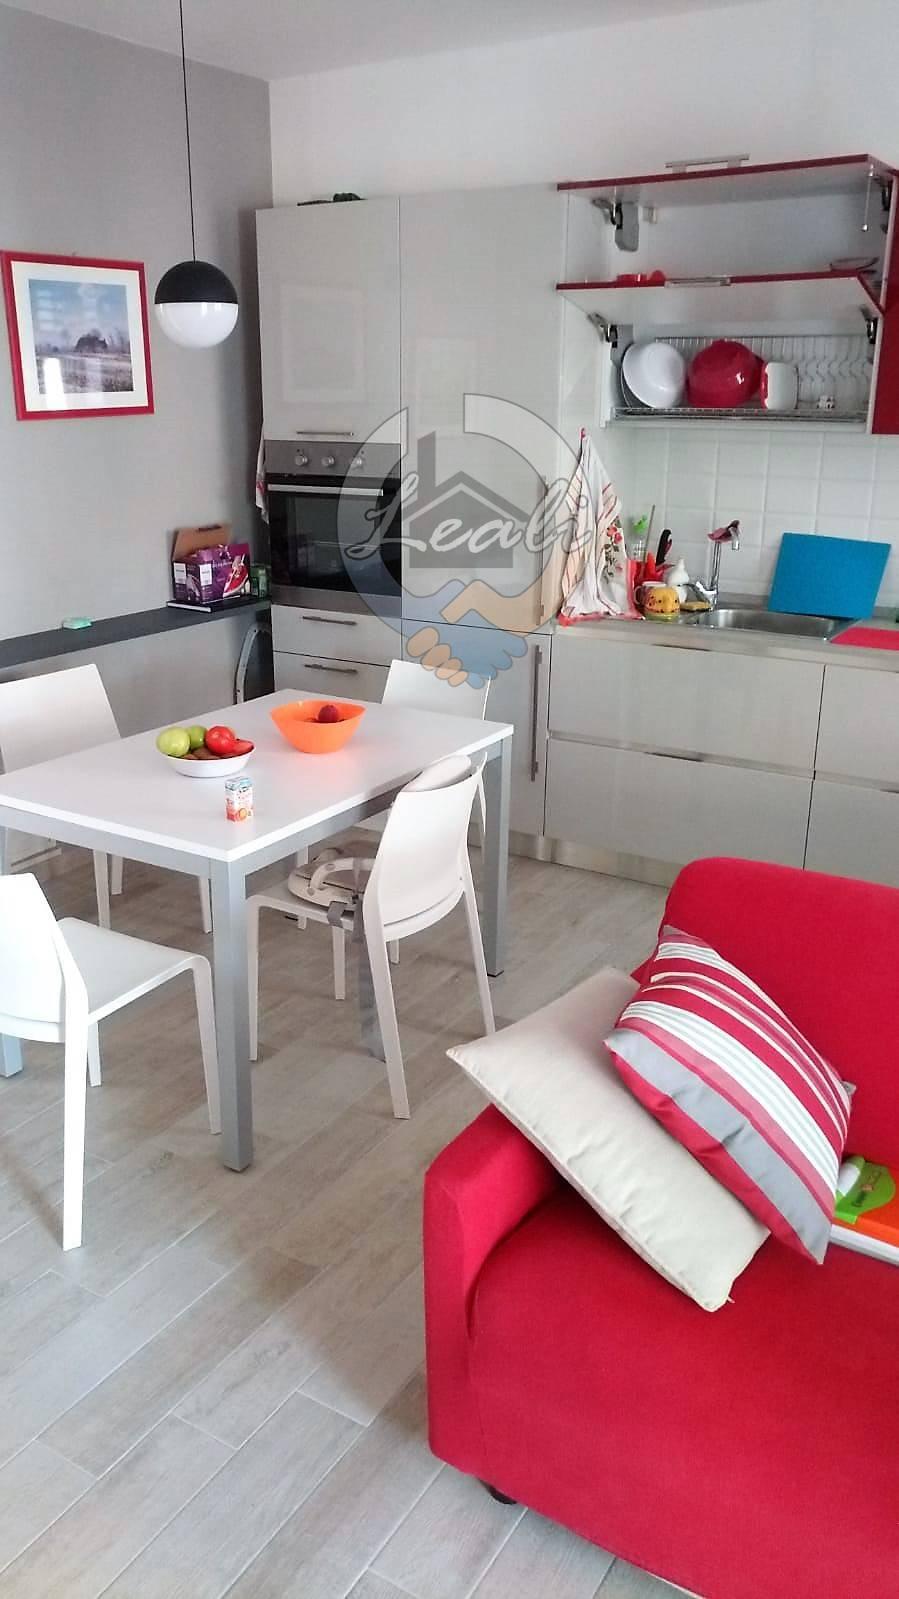 Appartamento in affitto a Civitanova Marche, 3 locali, prezzo € 750 | CambioCasa.it